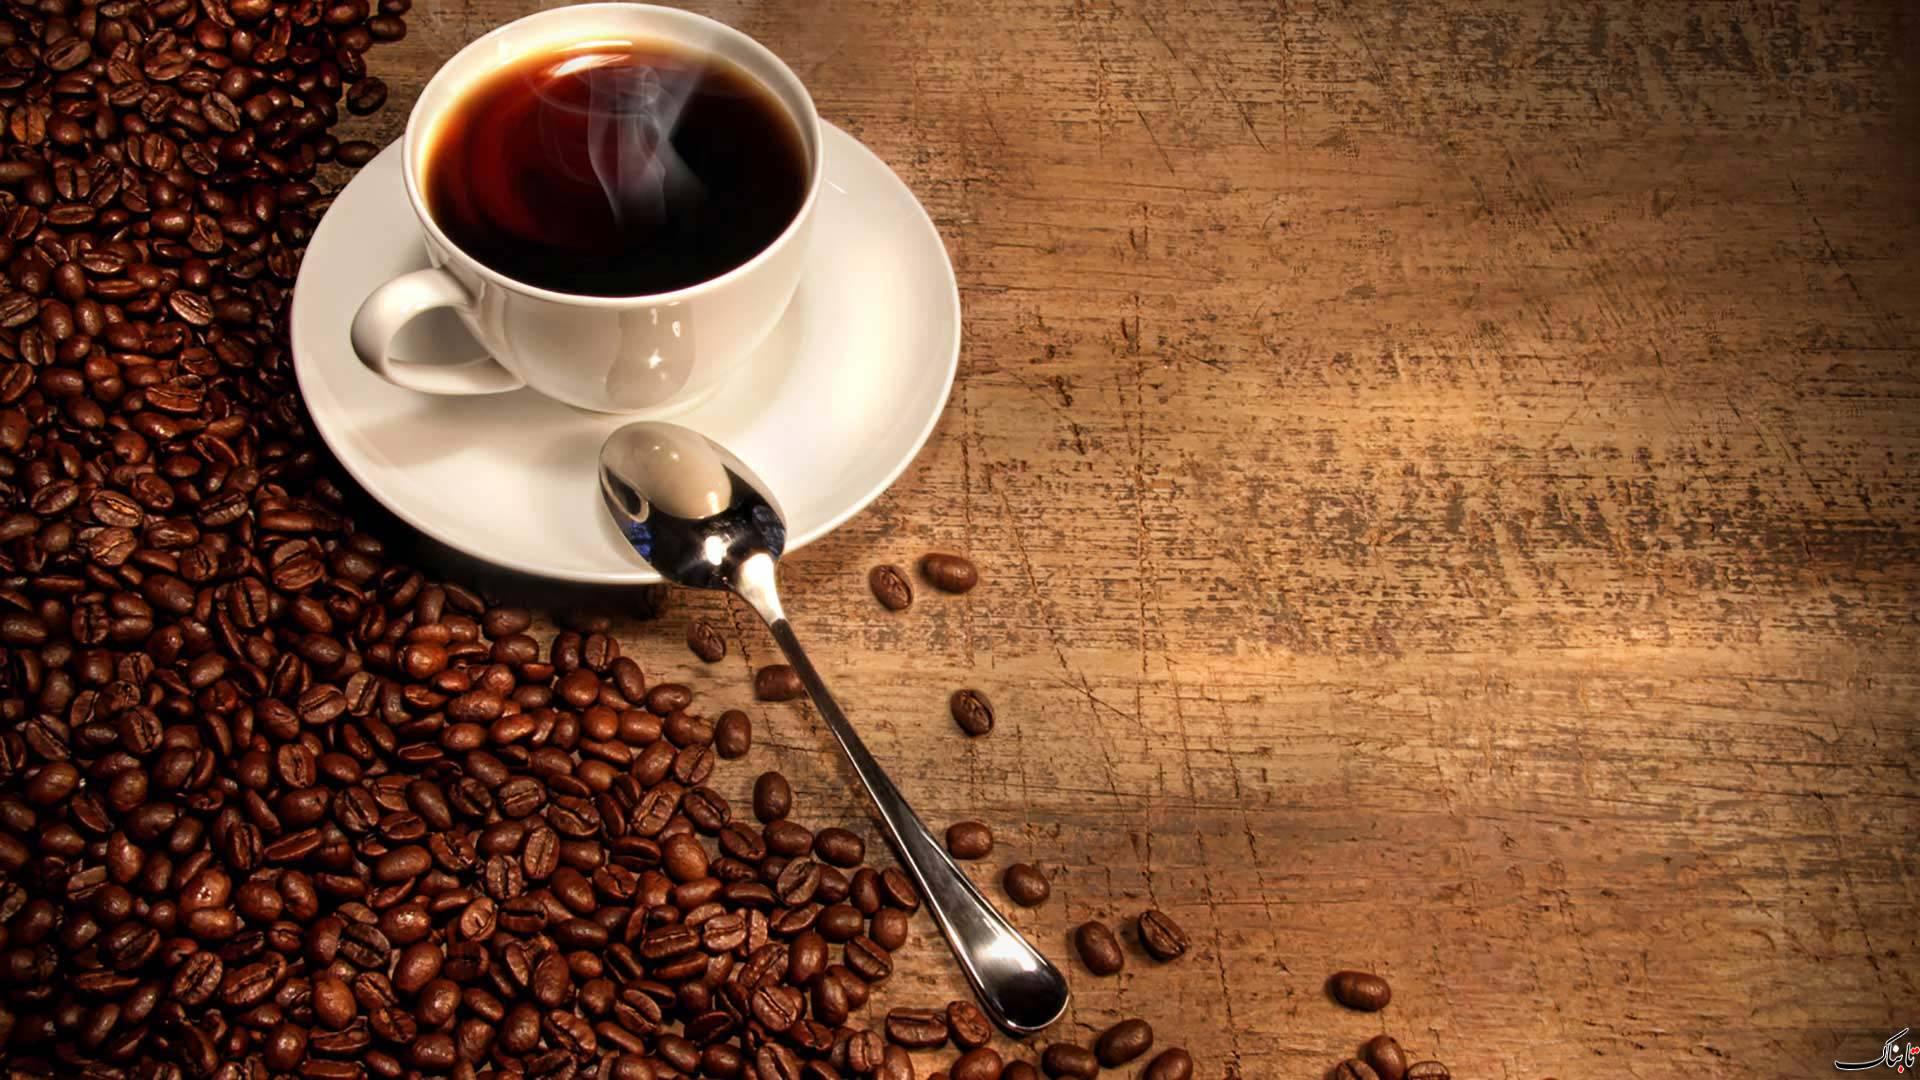 فایده و مضرات قهوه چیست؟